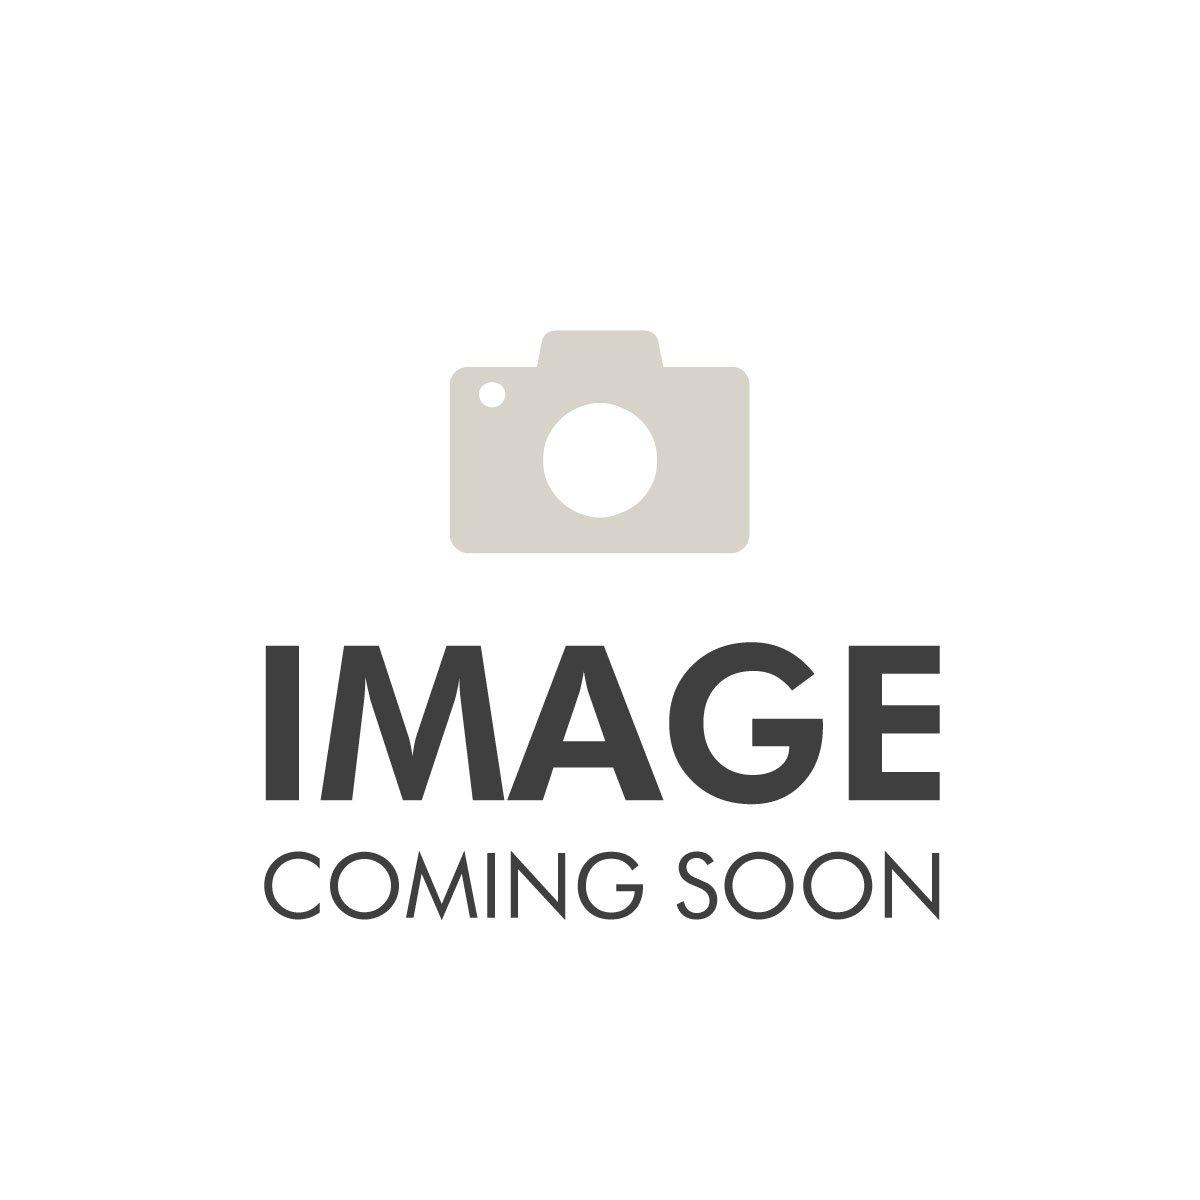 Missoni (2015) Gift Set 50ml EDT + 50ml Body Lotion + 50ml Shower Gel